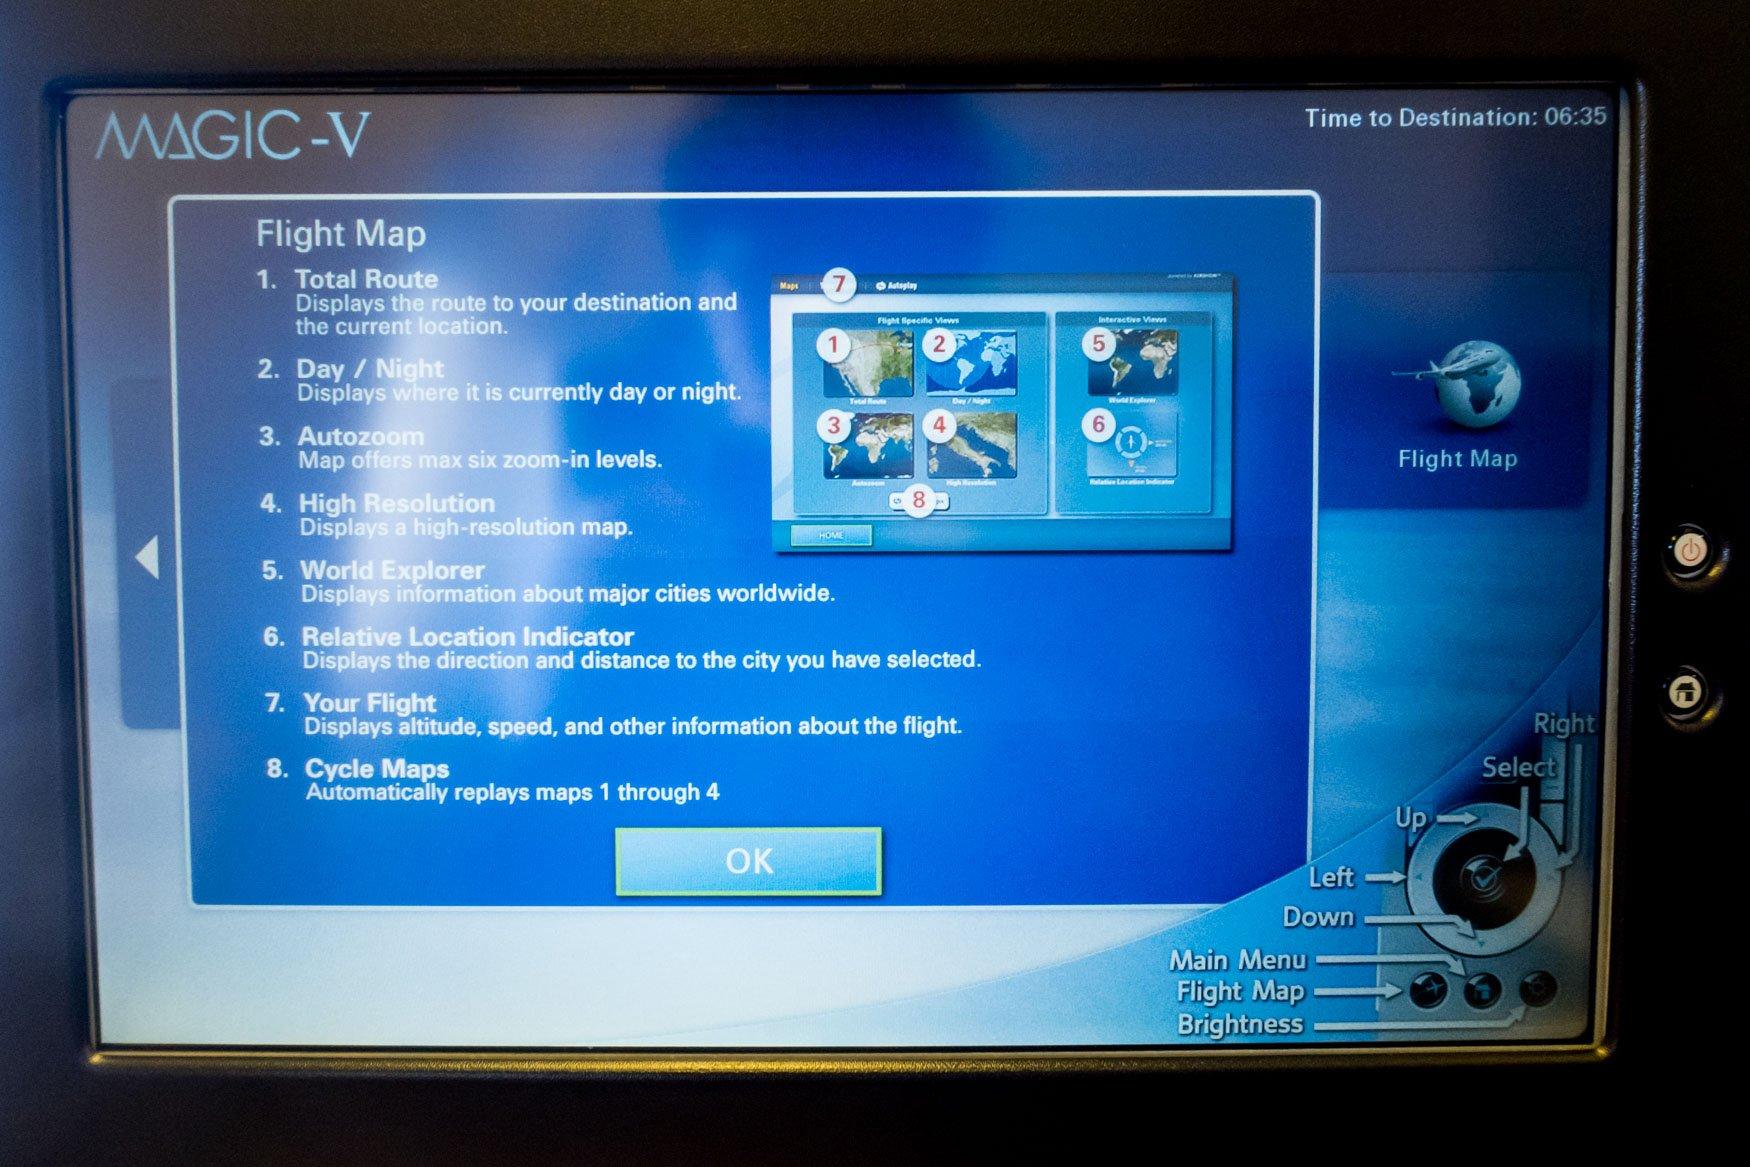 JAL MAGIC V In-Flight Map